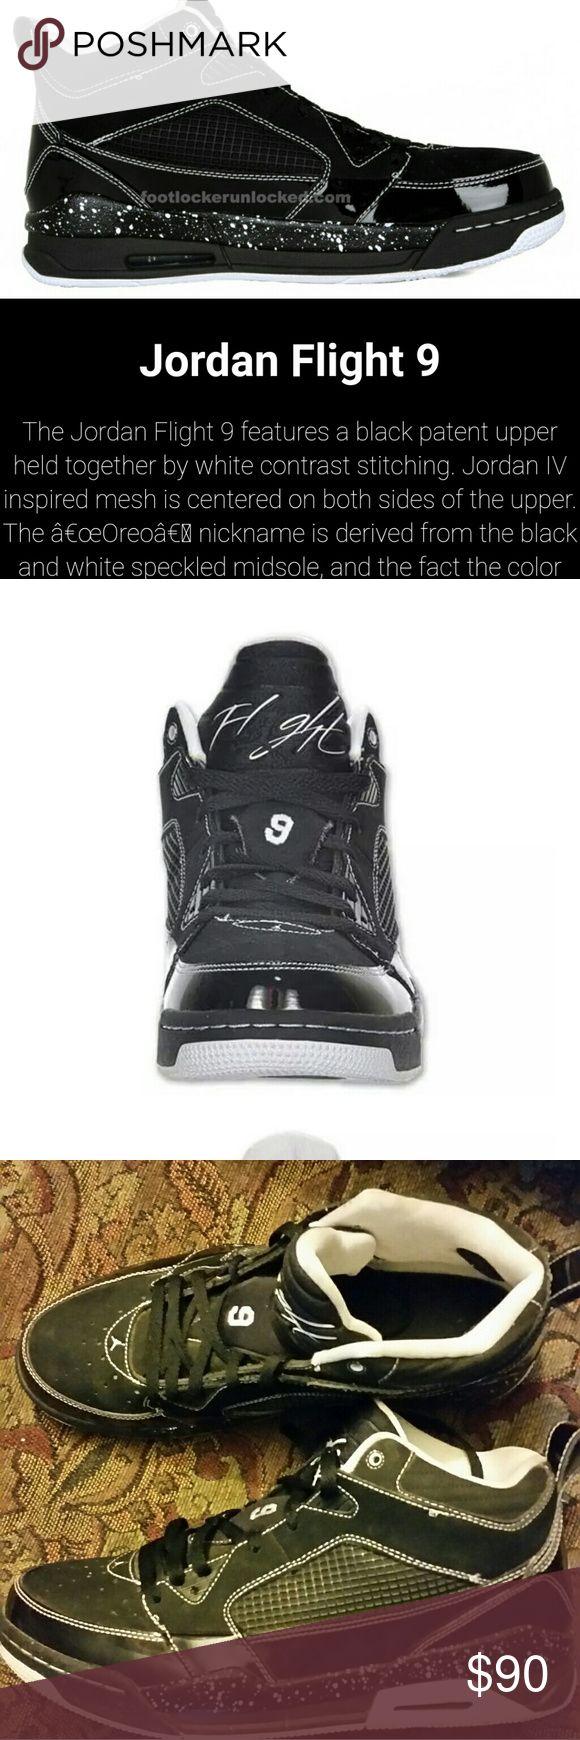 info for 2a1fc d4b43 jordan flight 9 lila sneakeroutlet